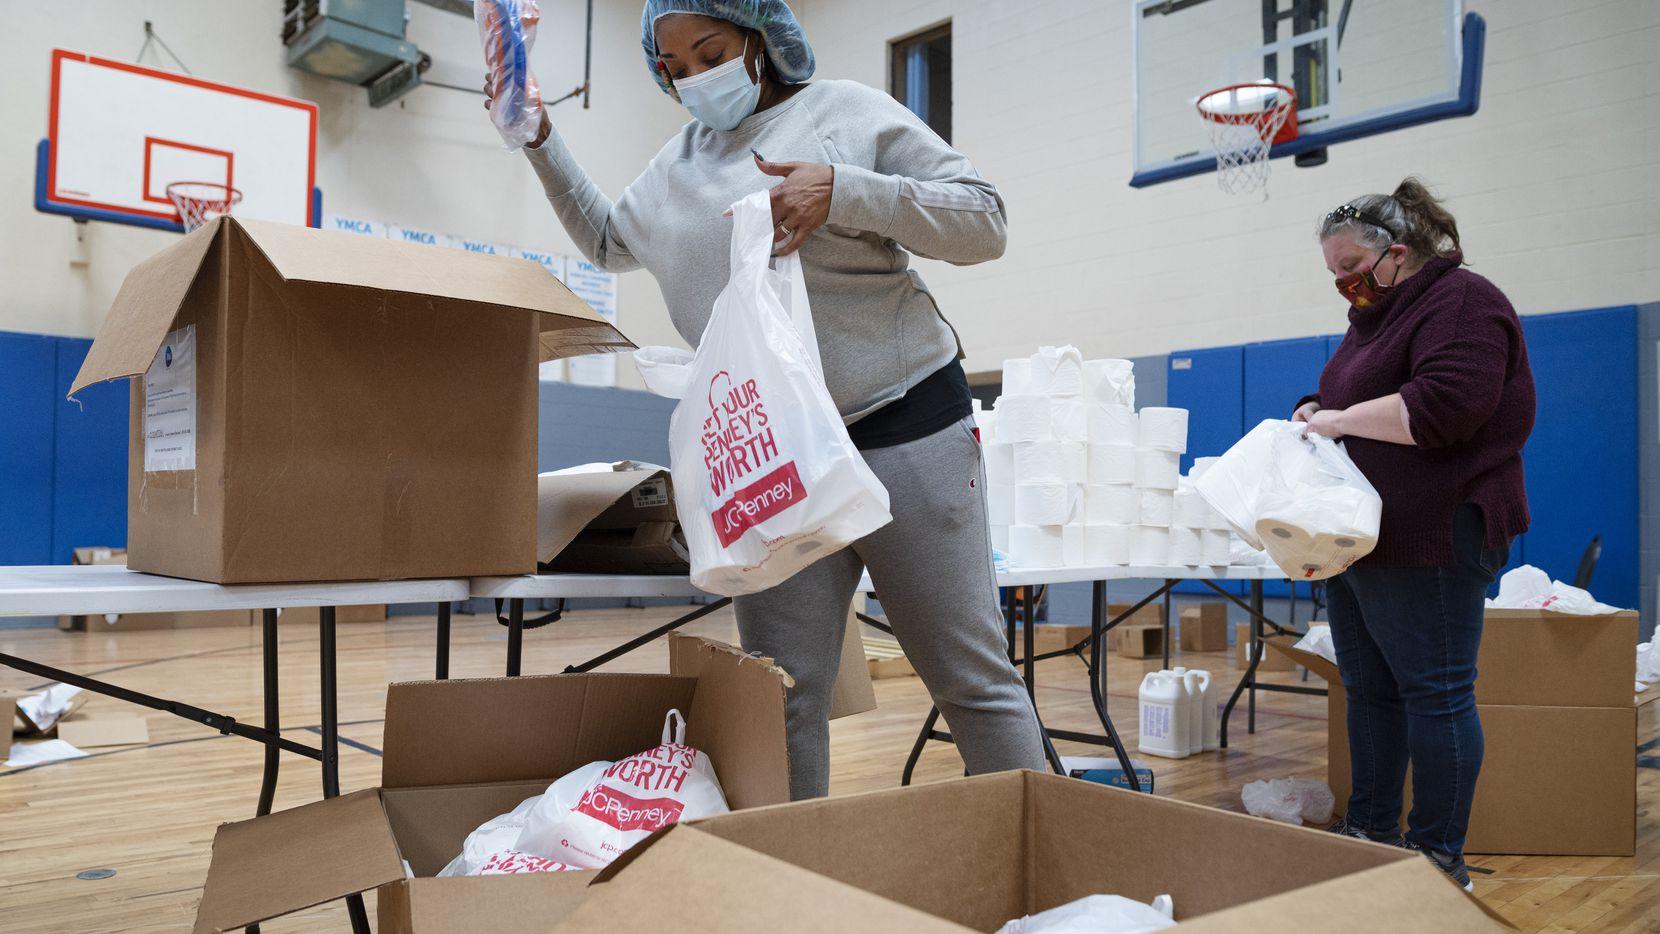 Rodrigua Ross, vicepresidenta de diversidad, equidad e inclusión de YMCA, ayuda a preparar un paquete con mascarillas, protectores y papel higiénico para ser donados a familias necesitadas. La filántropa MacKenzie Scott donó $10millones al YMCA de Dallas.